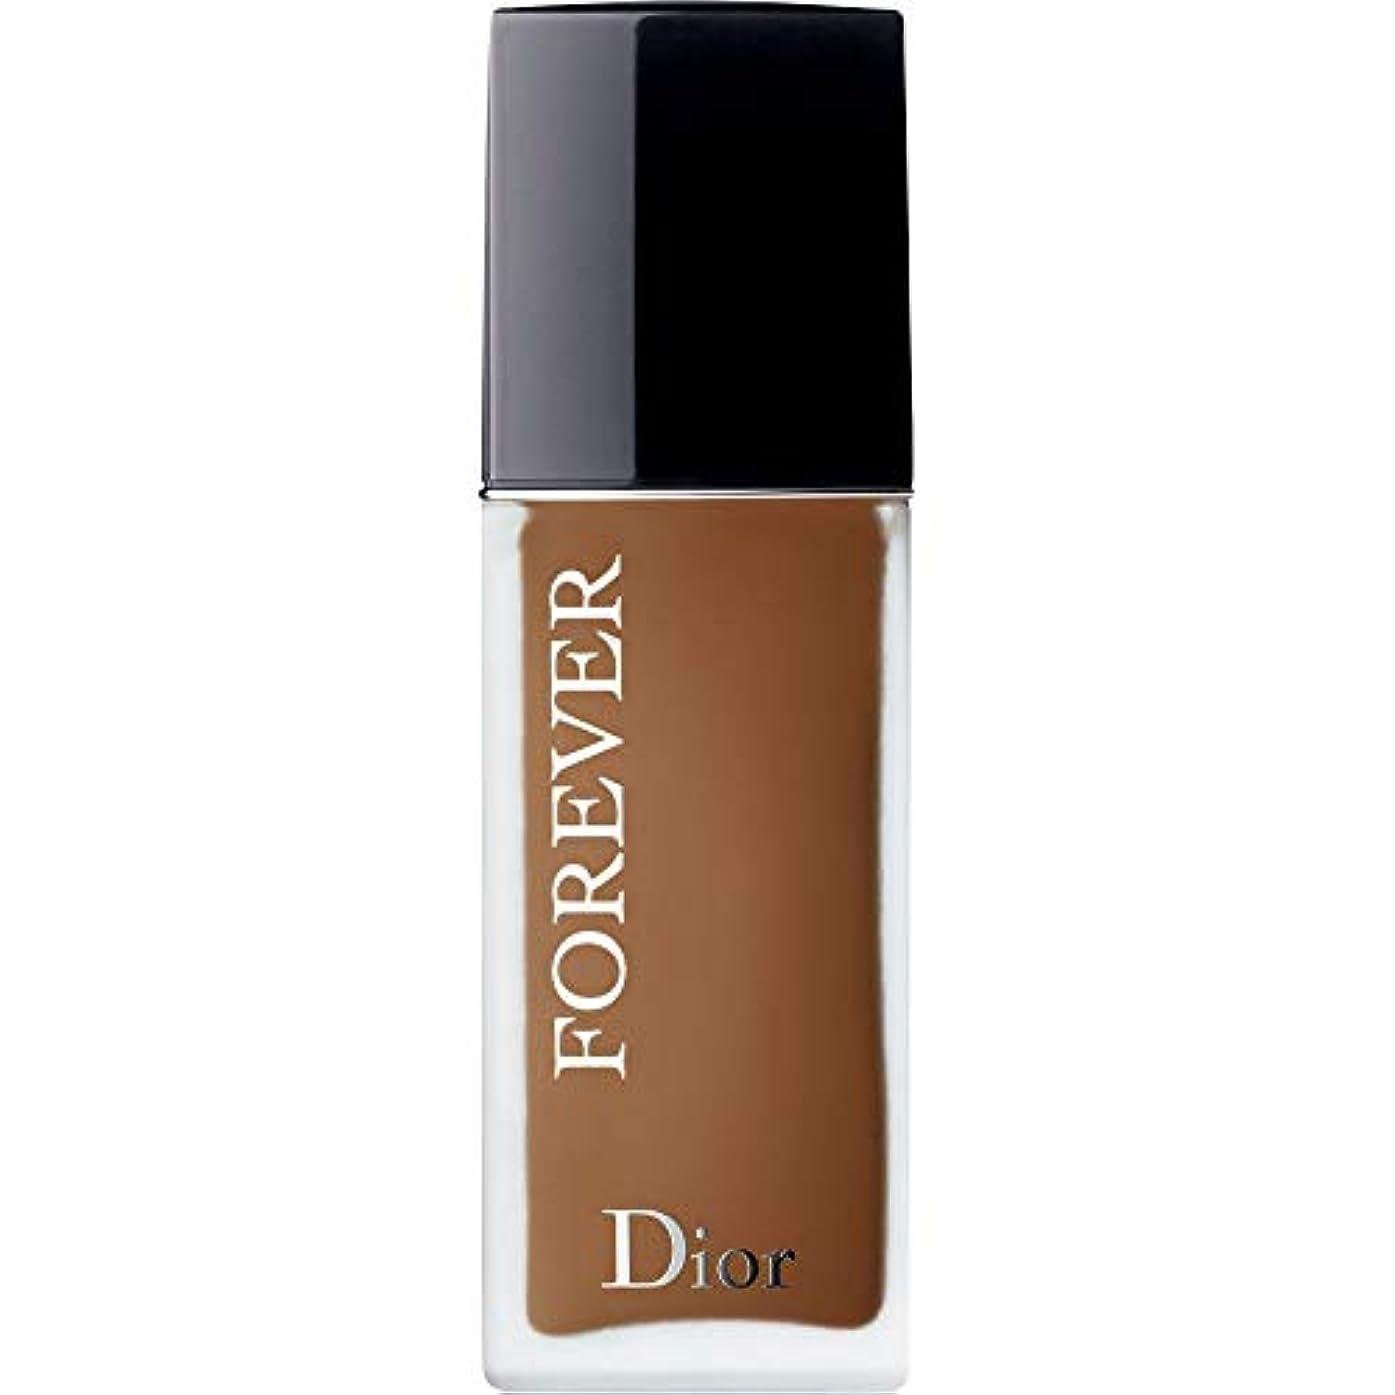 東方うねる視力[Dior ] ディオール永遠皮膚思いやりの基盤Spf35 30ミリリットルの7N - ニュートラル(つや消し) - DIOR Forever Skin-Caring Foundation SPF35 30ml 7N -...